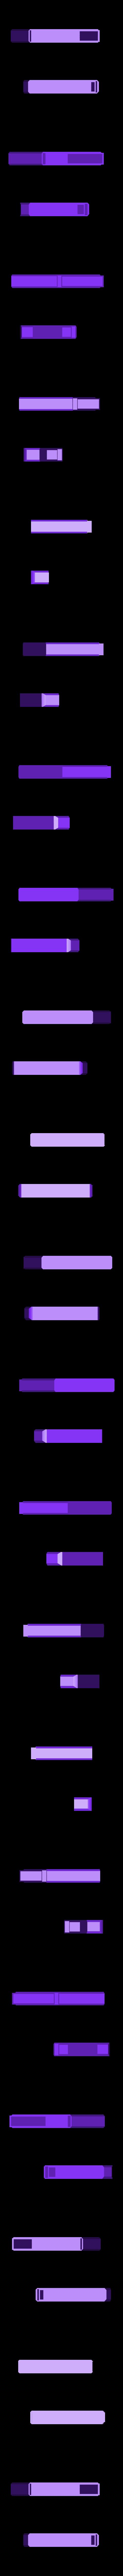 sq_busines_card_holder.stl Download free STL file Square business card holder • 3D print design, Erik_Glyphwood